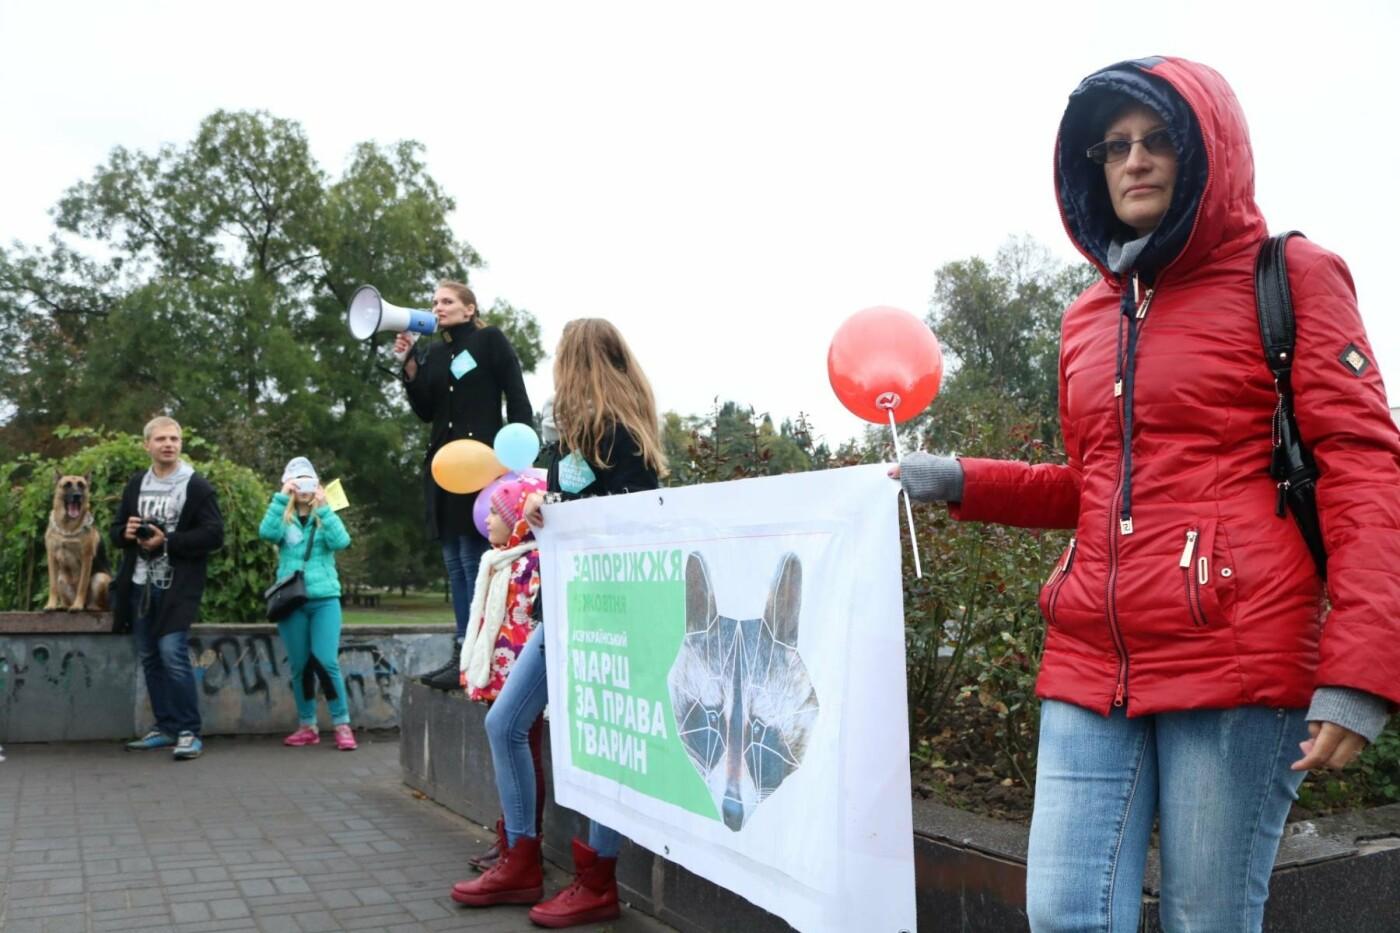 В Запорожье прошел марш за права животных, - ФОТОРЕПОРТАЖ, фото-26